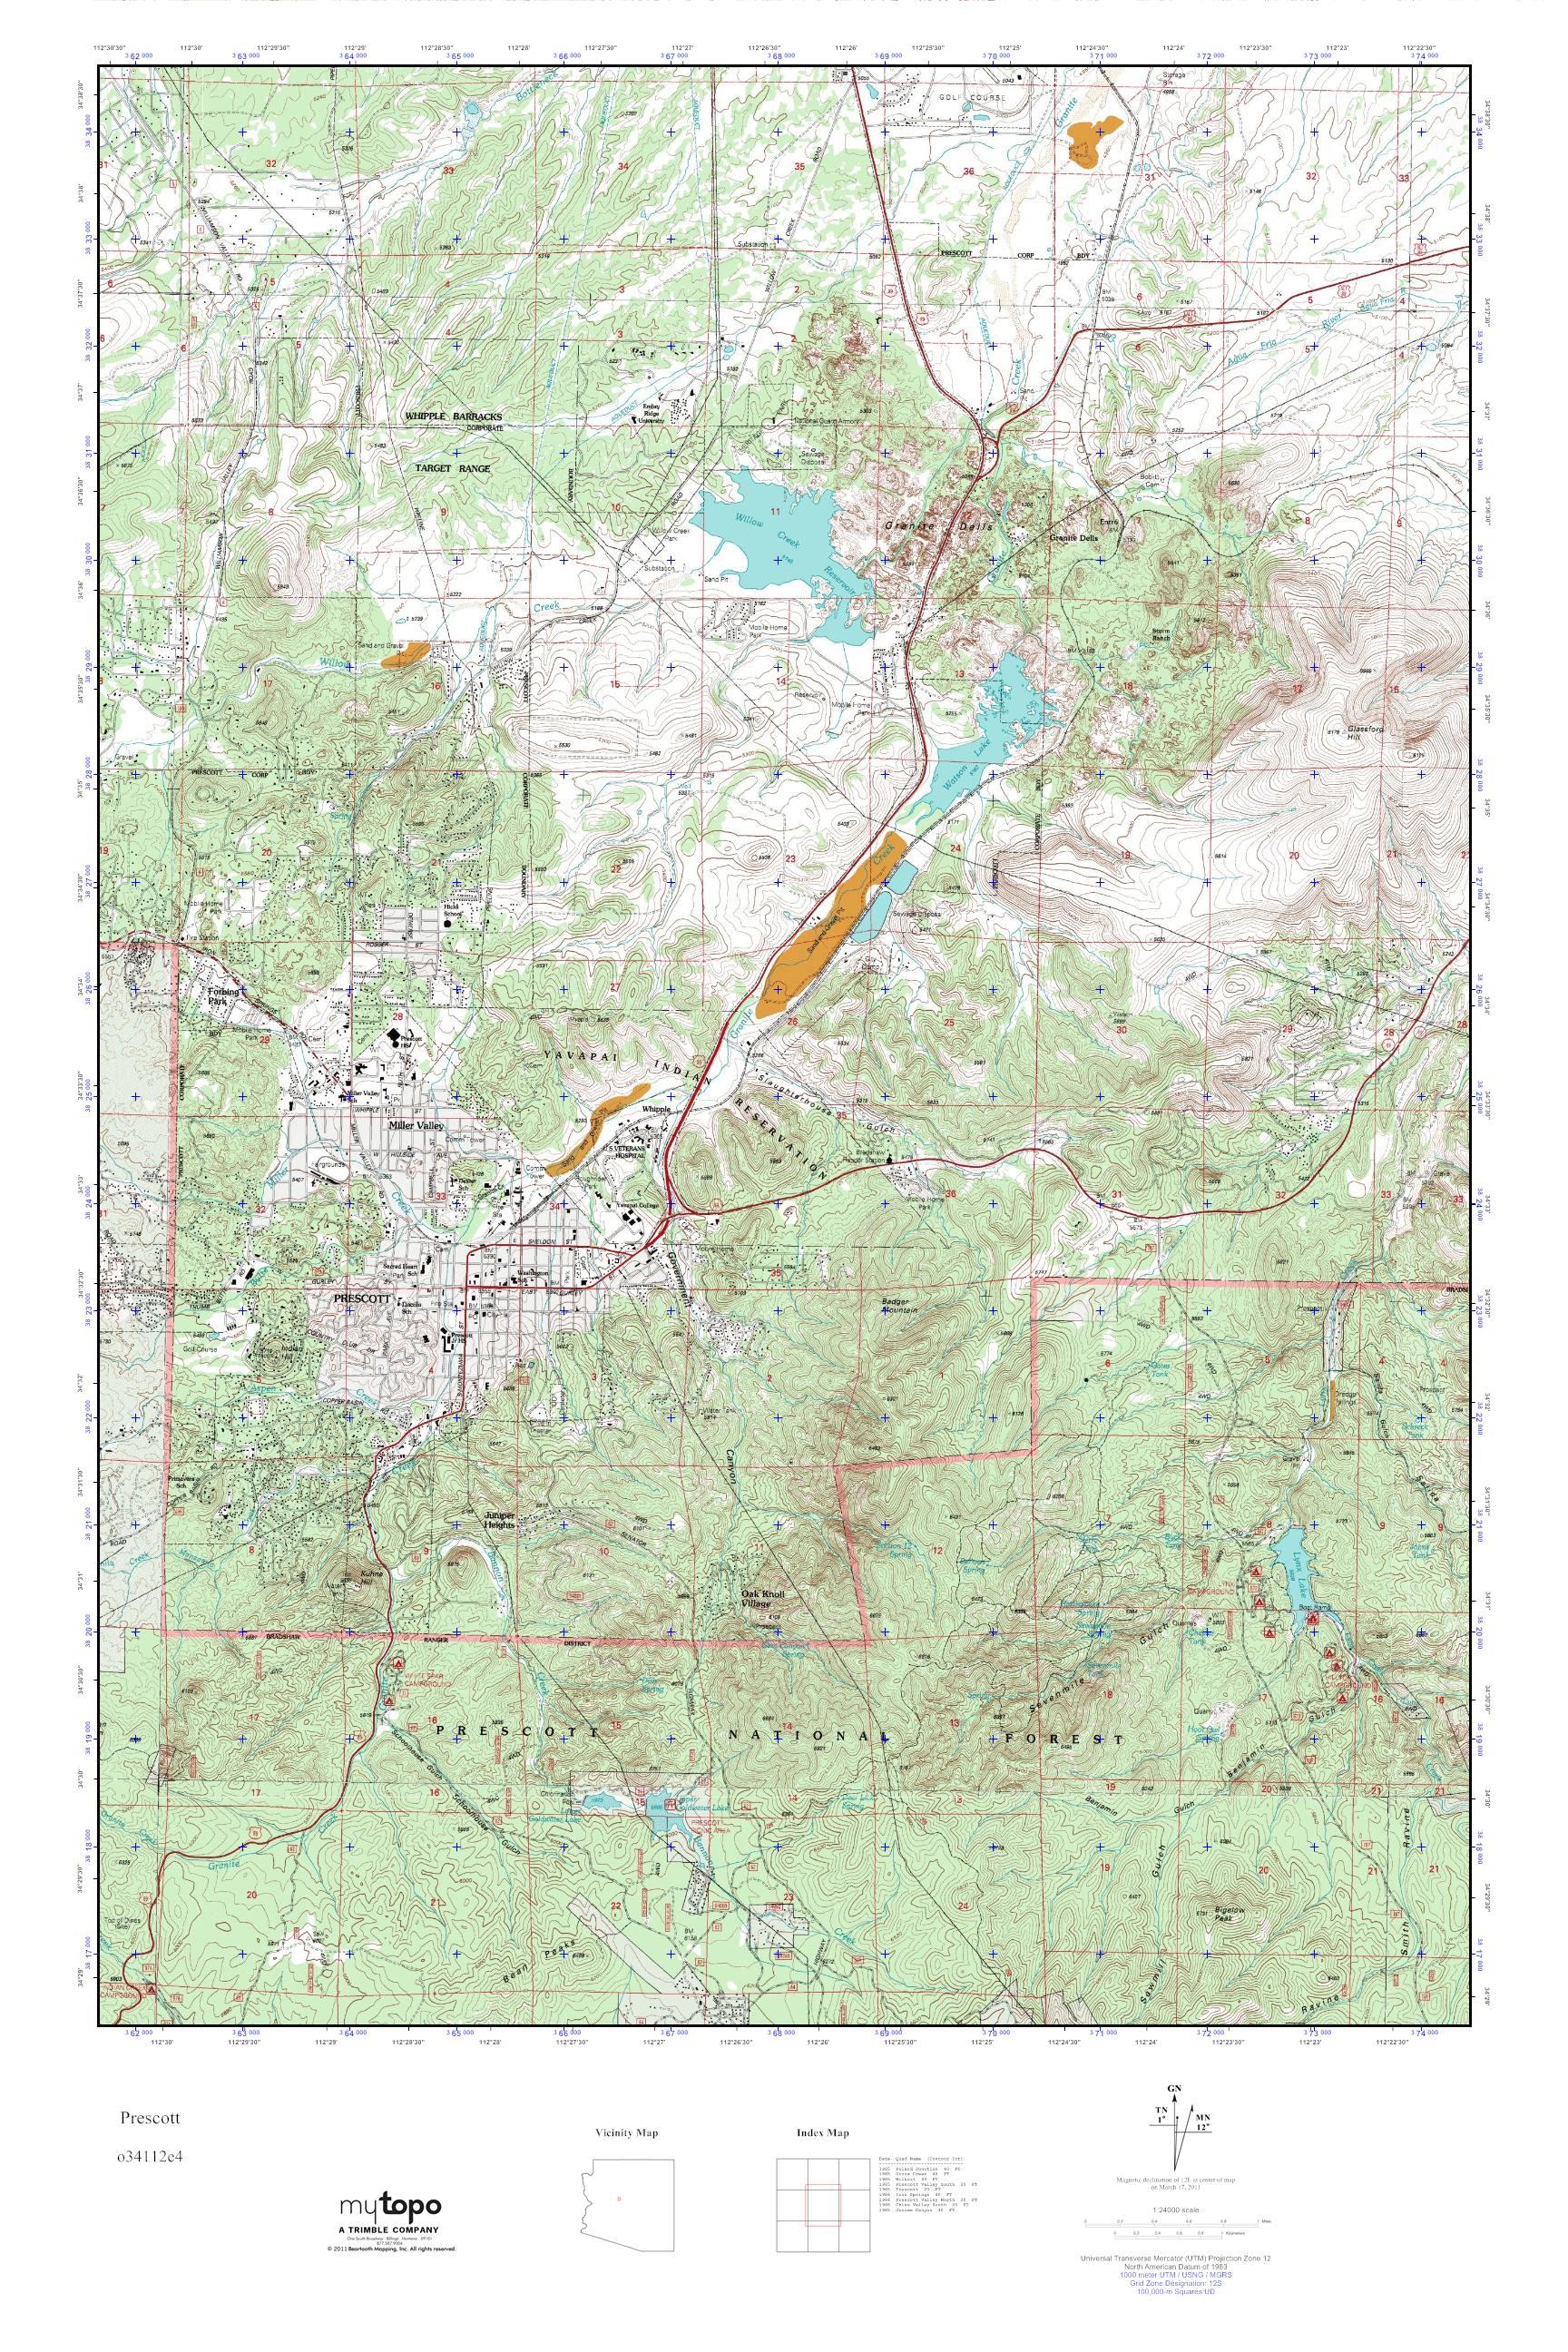 Mytopo Prescott Arizona Usgs Quad Topo Map